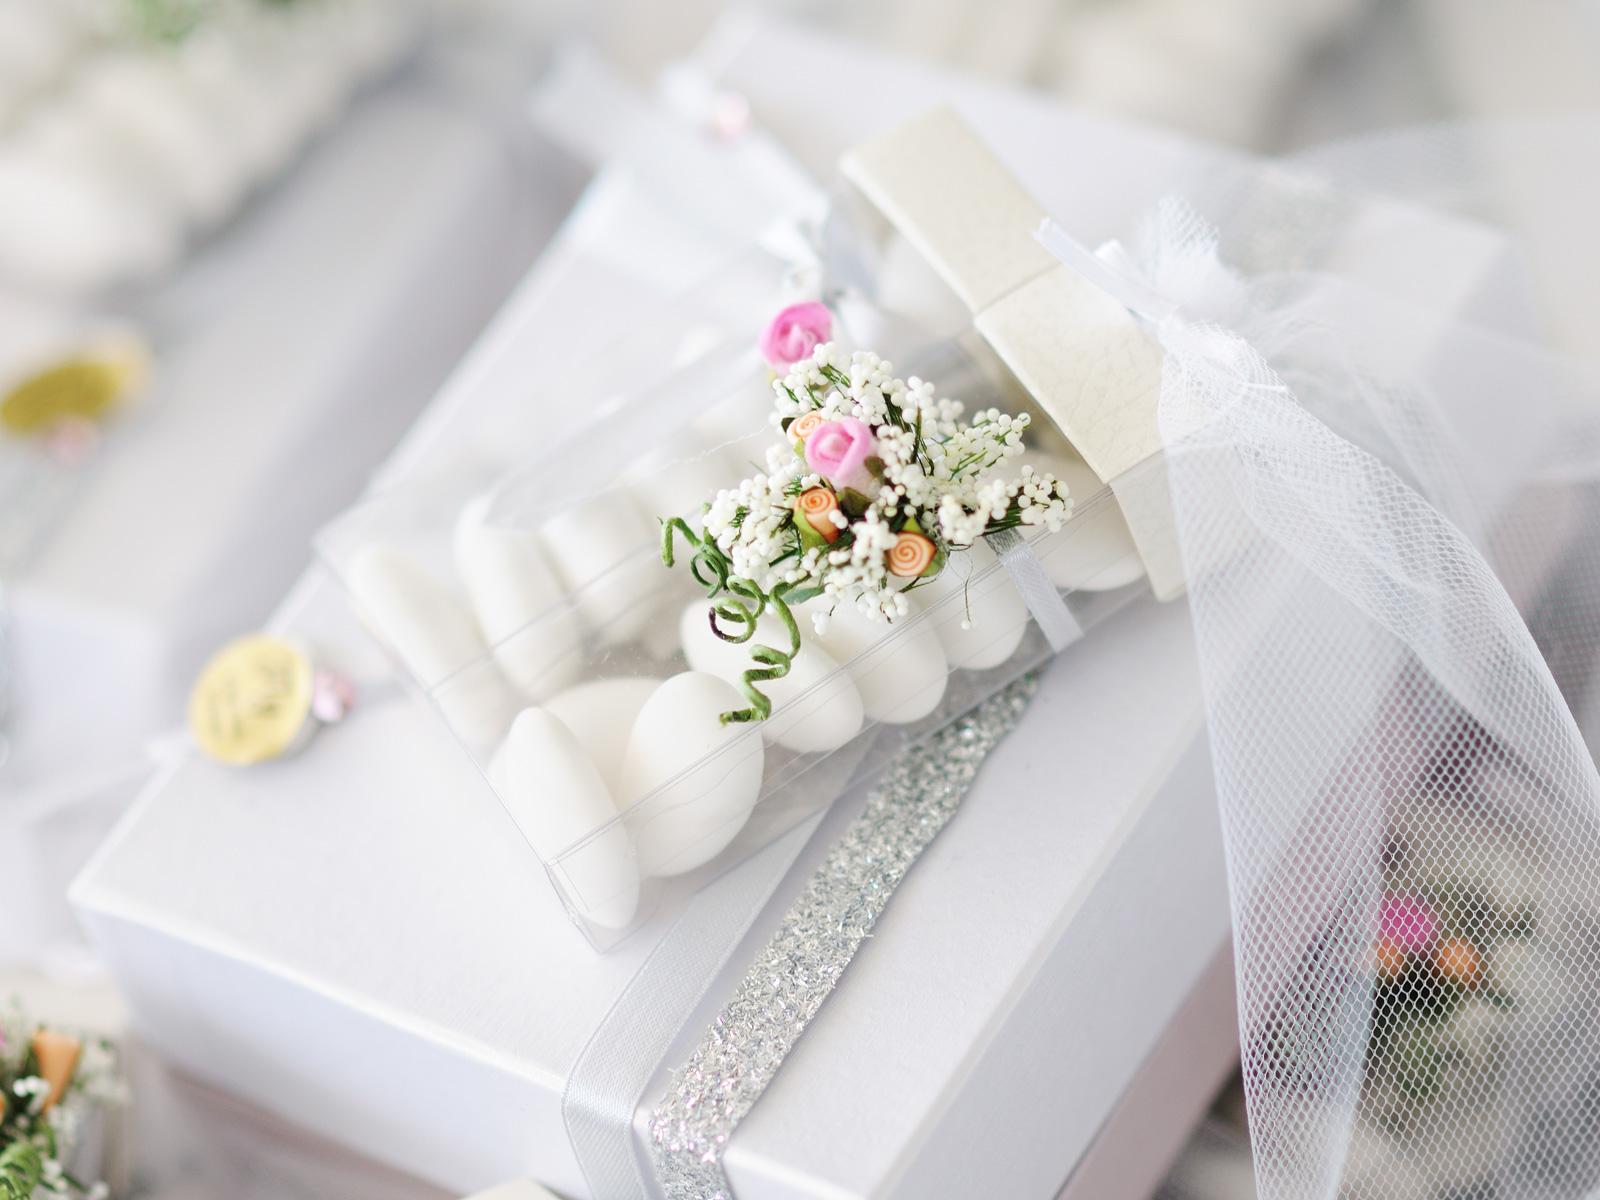 Bomboniere matrimonio esclusive ed eleganti: vetro di Murano